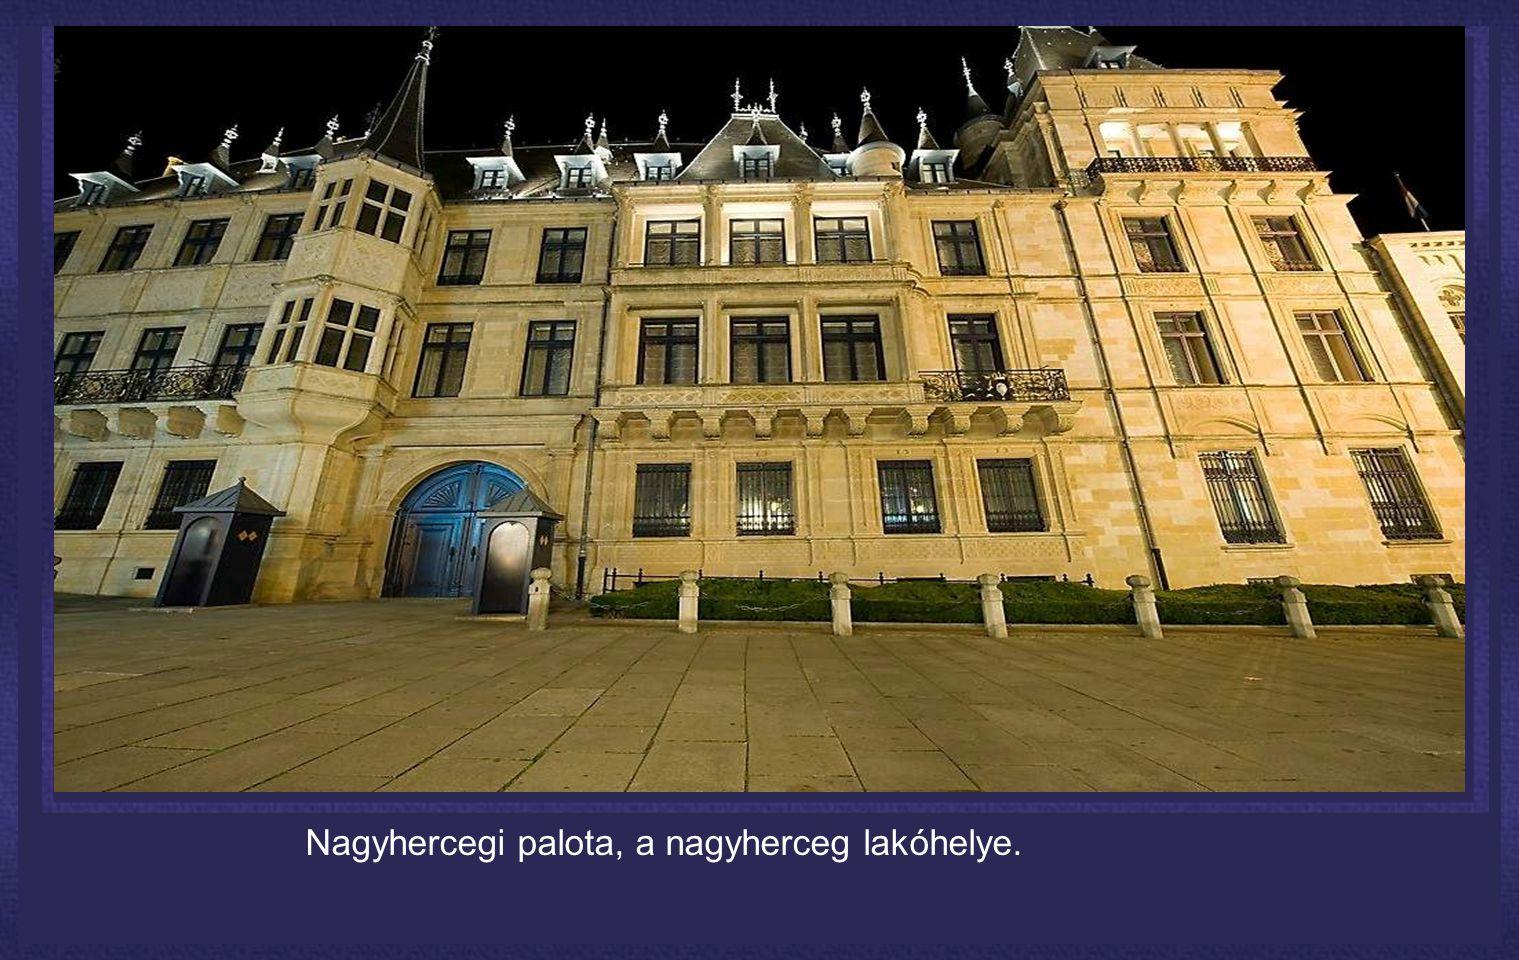 Nagyhercegi palota, a nagyherceg lakóhelye.